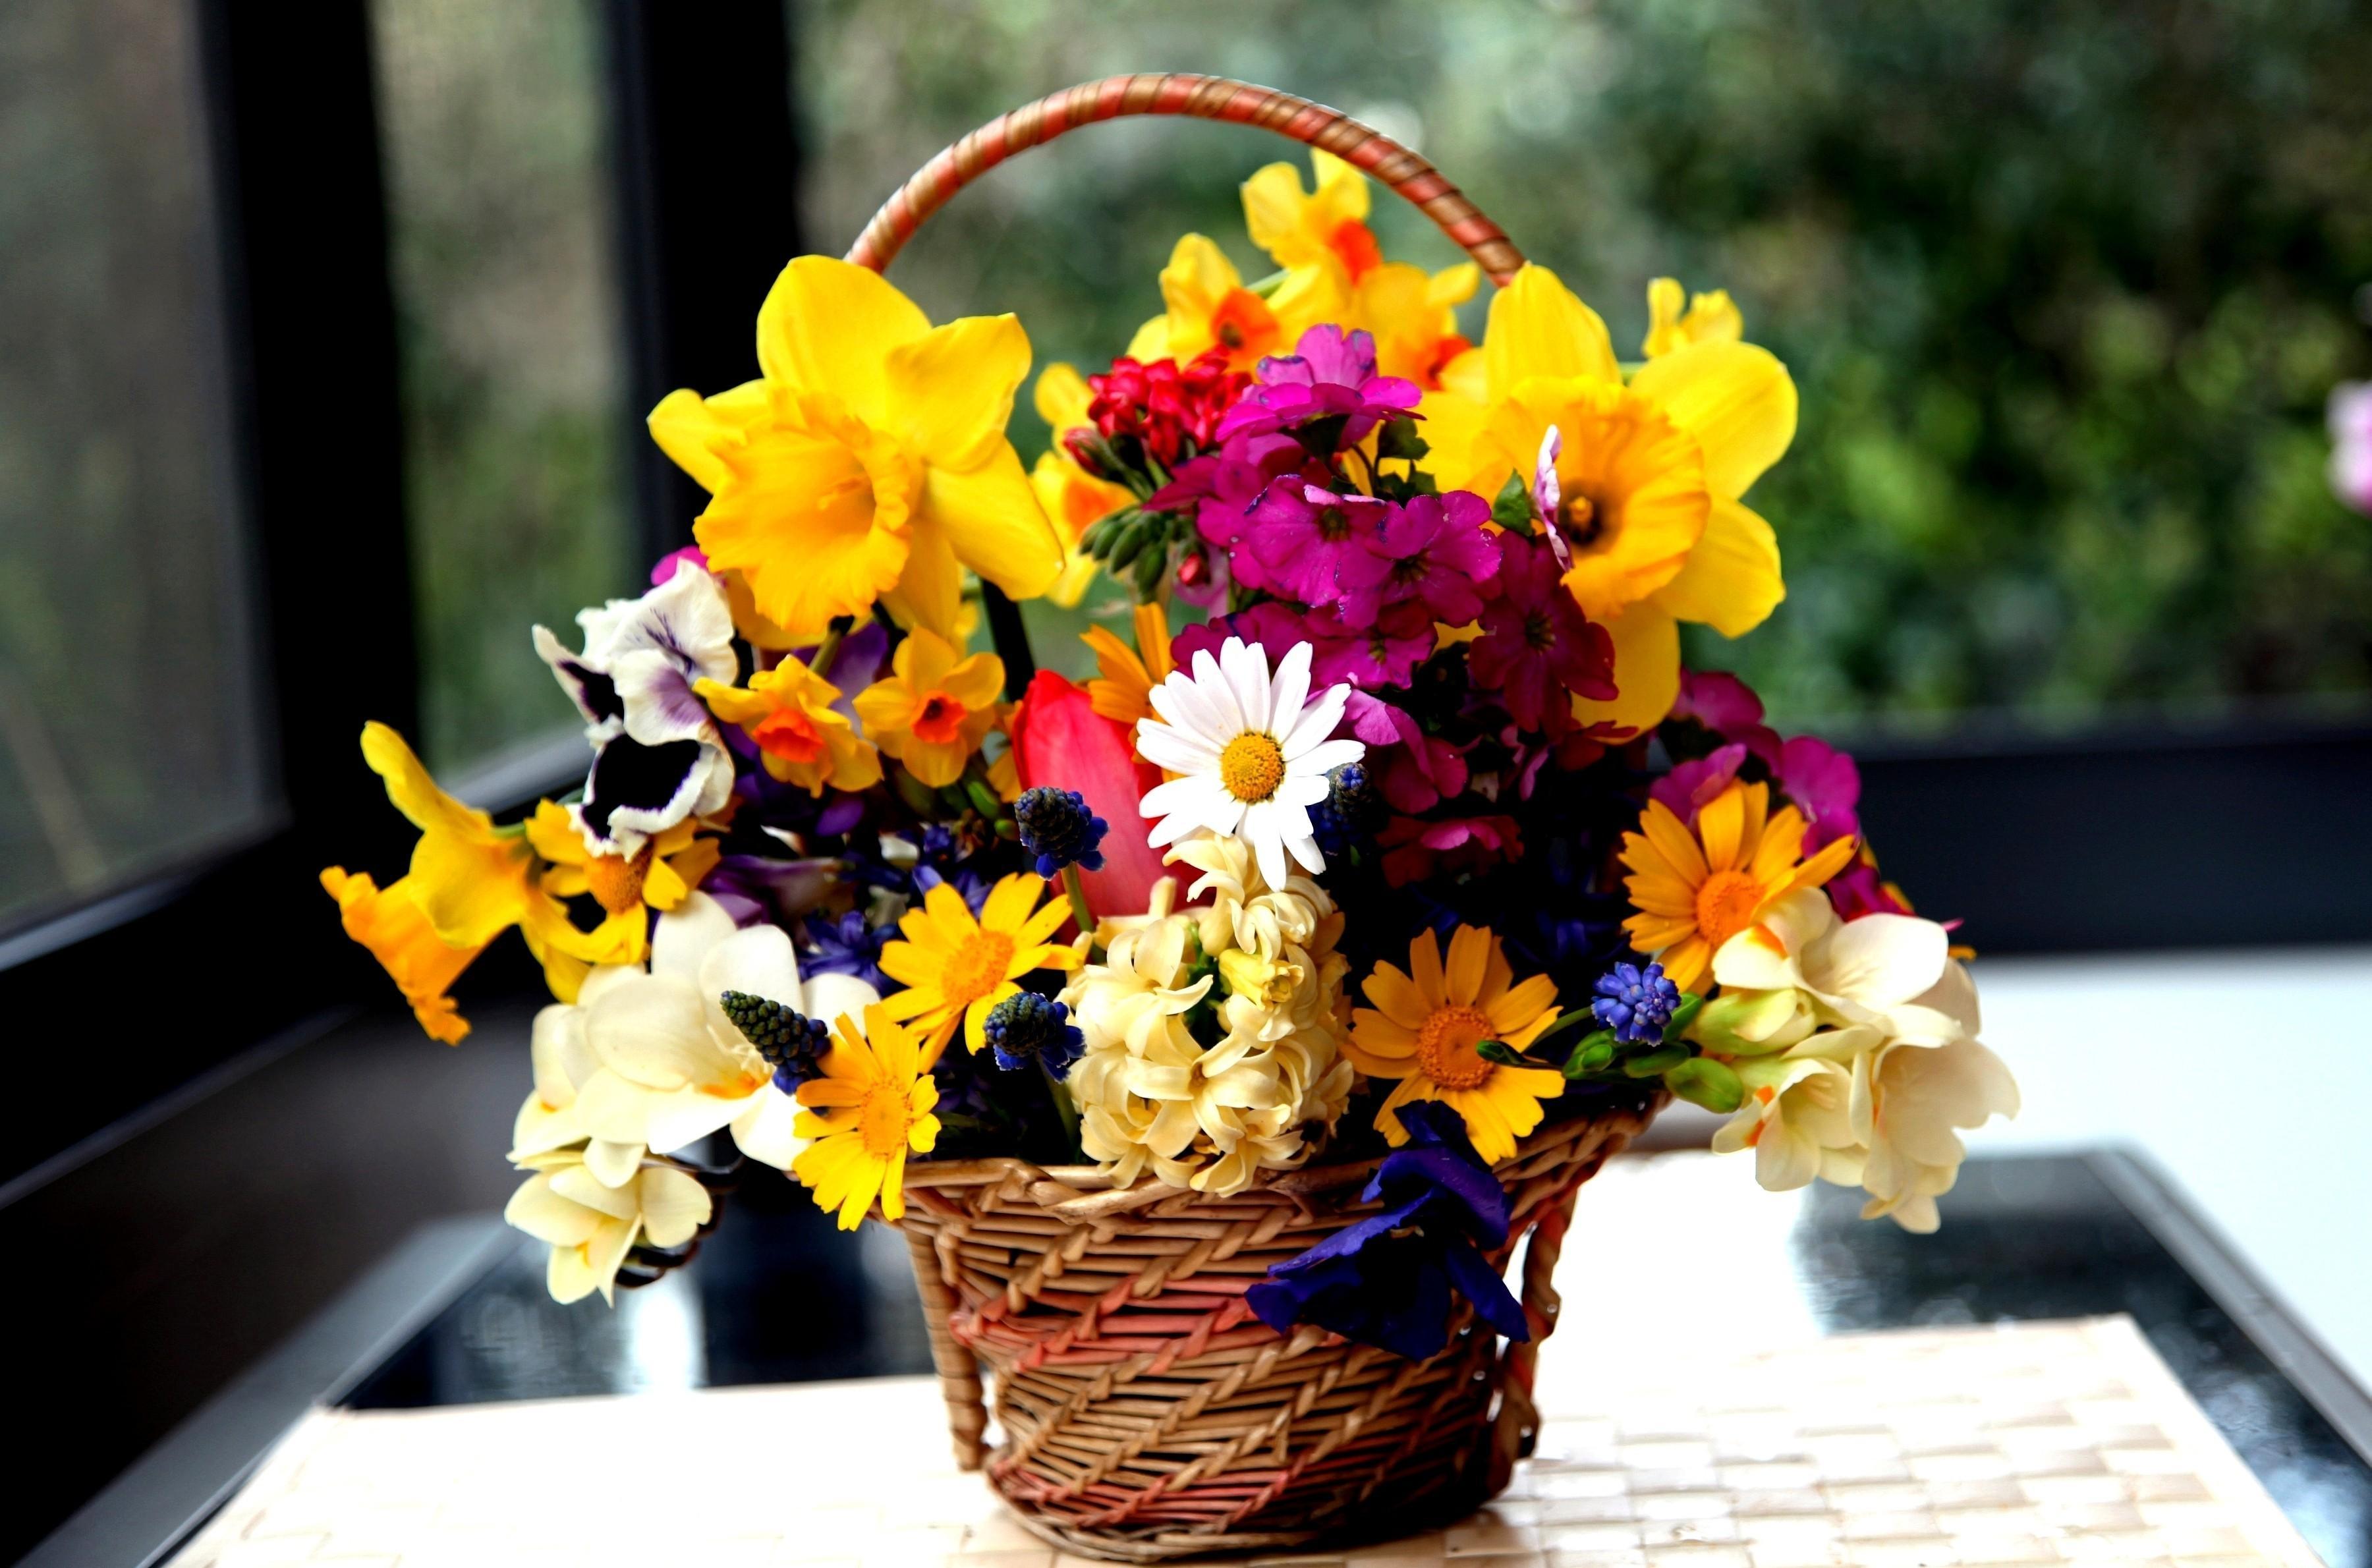 90332 Заставки и Обои Нарциссы на телефон. Скачать Цветы, Нарциссы, Букет, Корзина, Гортензия, Фрезия, Мускари, Виола картинки бесплатно